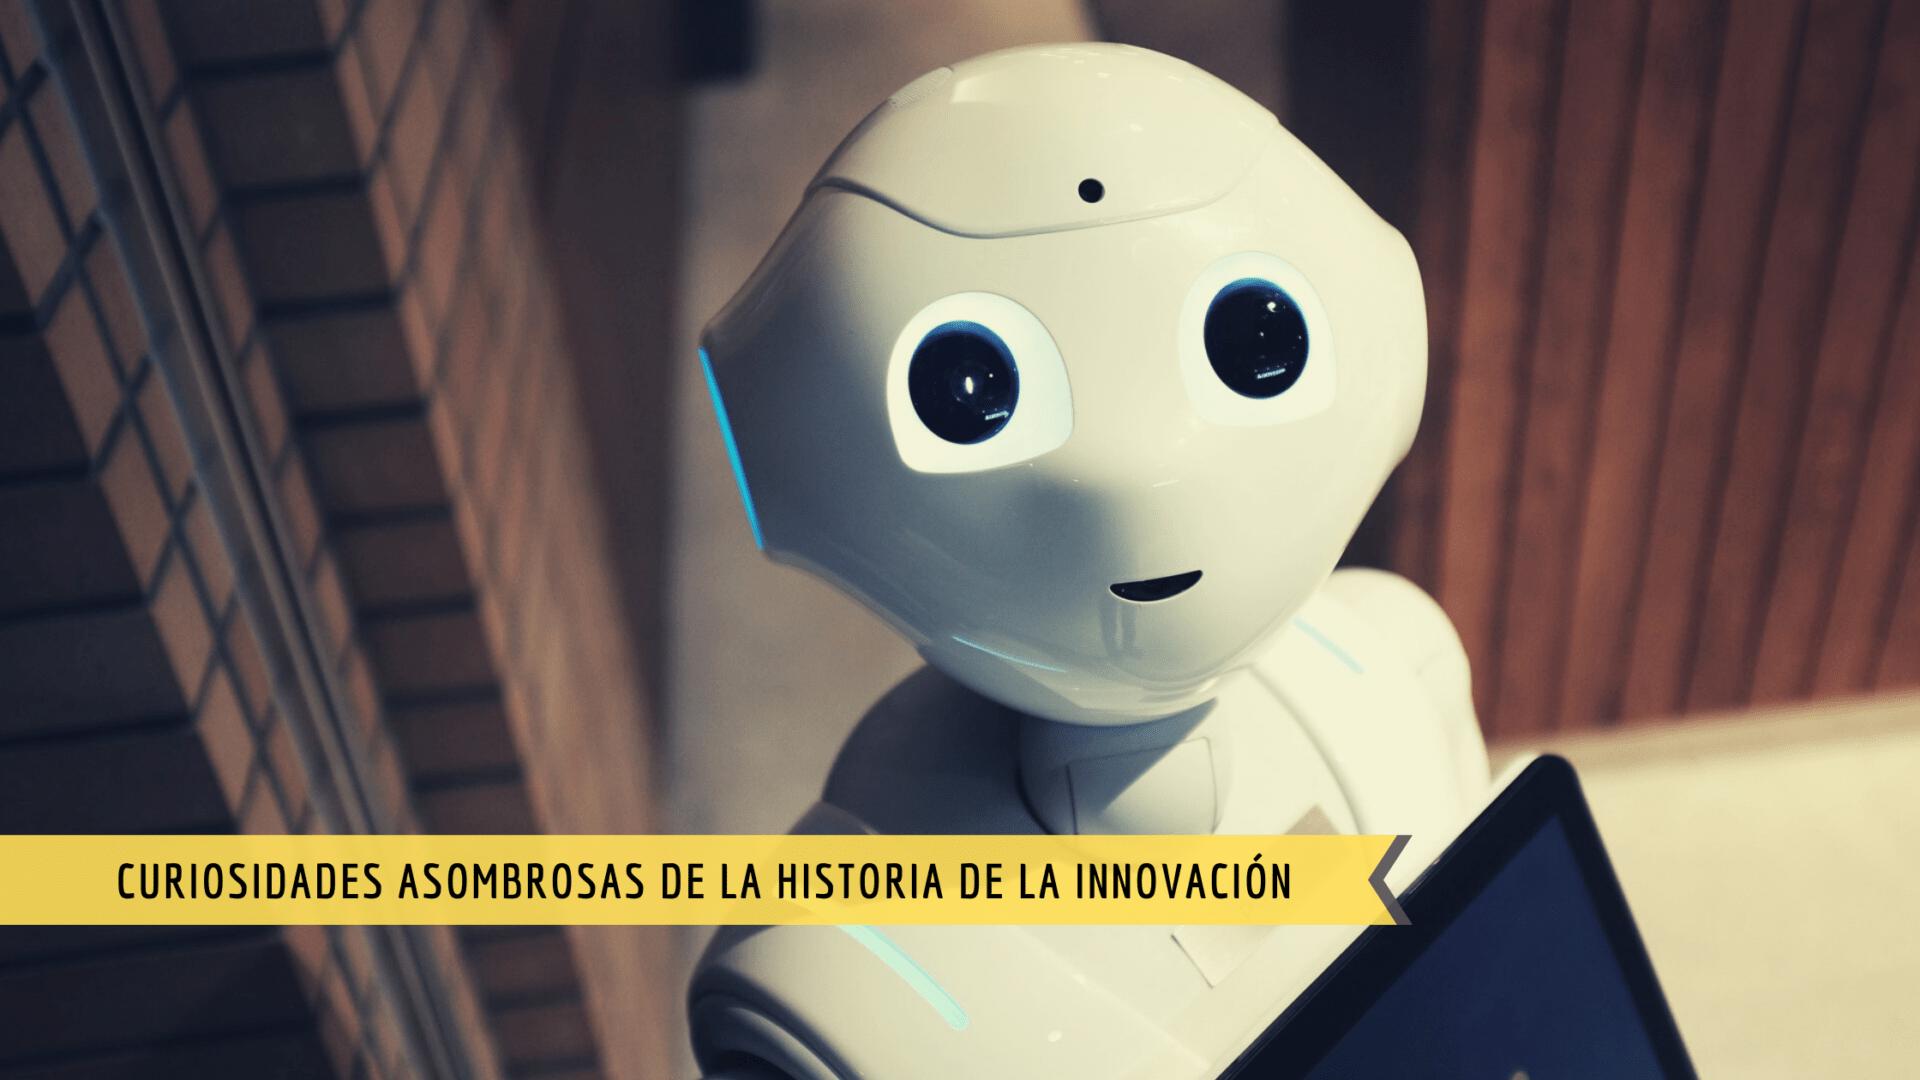 Curiosidades asombrosas de la historia de la innovación. Anécdotas y secretos creativos que pueden ayudarte 1